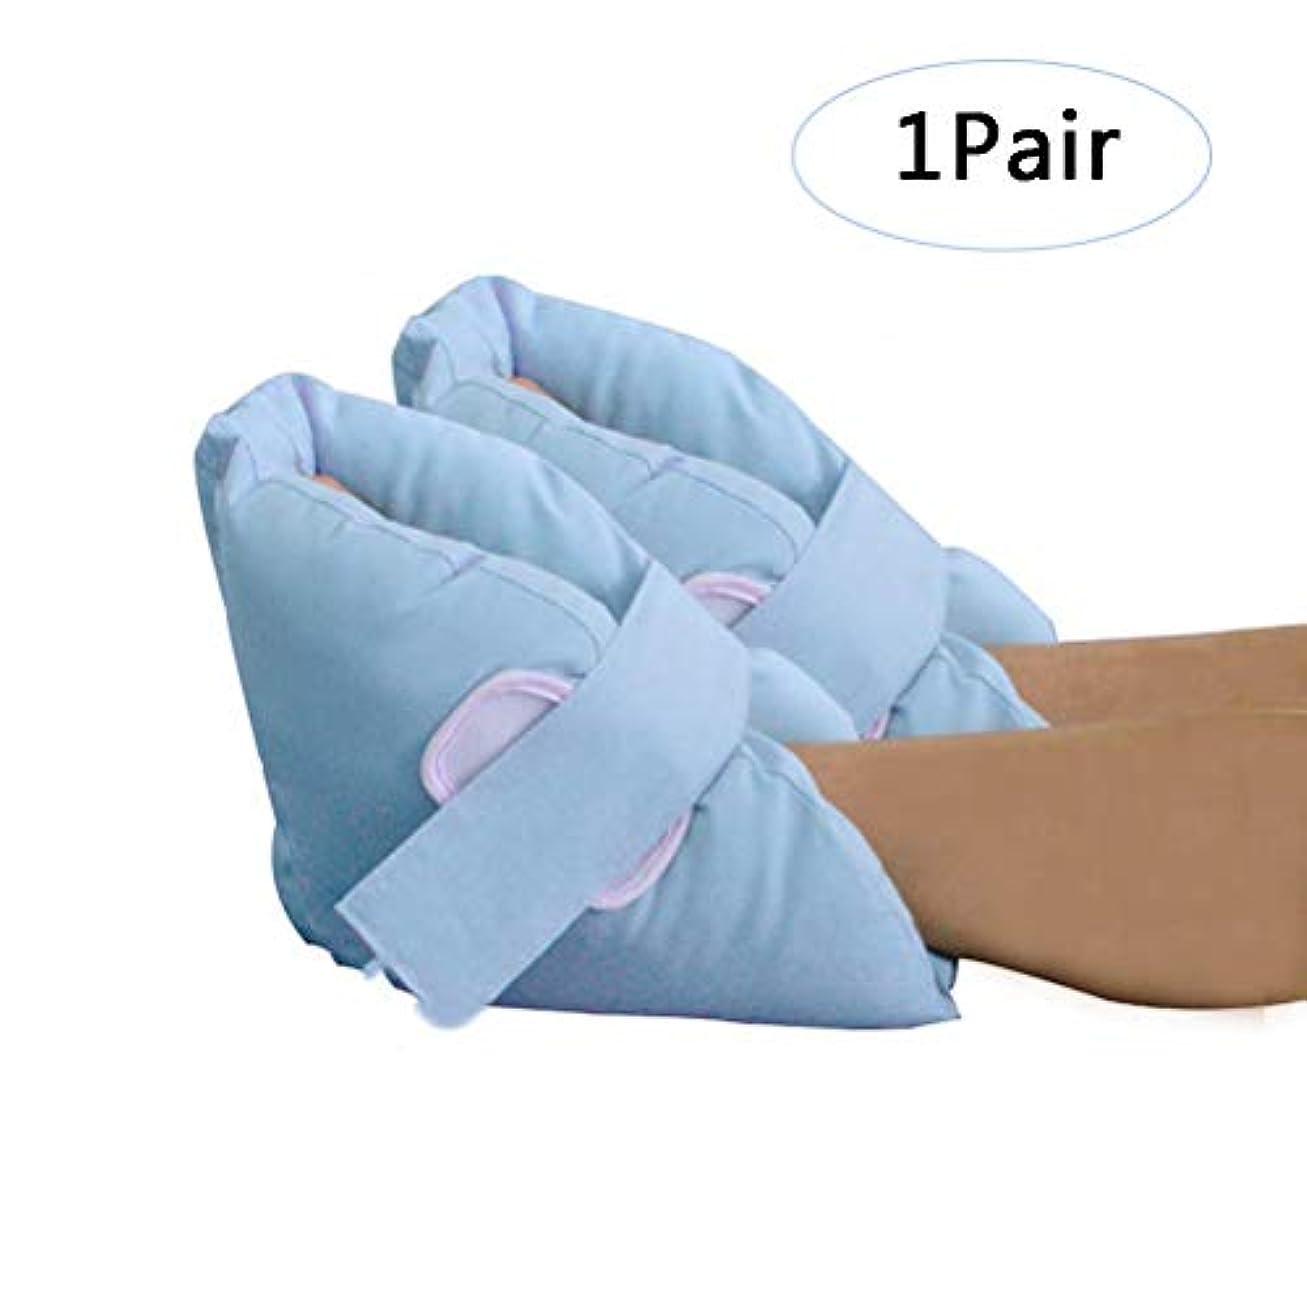 準備する形状ソースブートヒールプロテクタークッション-潰瘍とPressure瘡から足とかかとを保護-床の痛みと負傷の軽減-クッションギフトとして良い